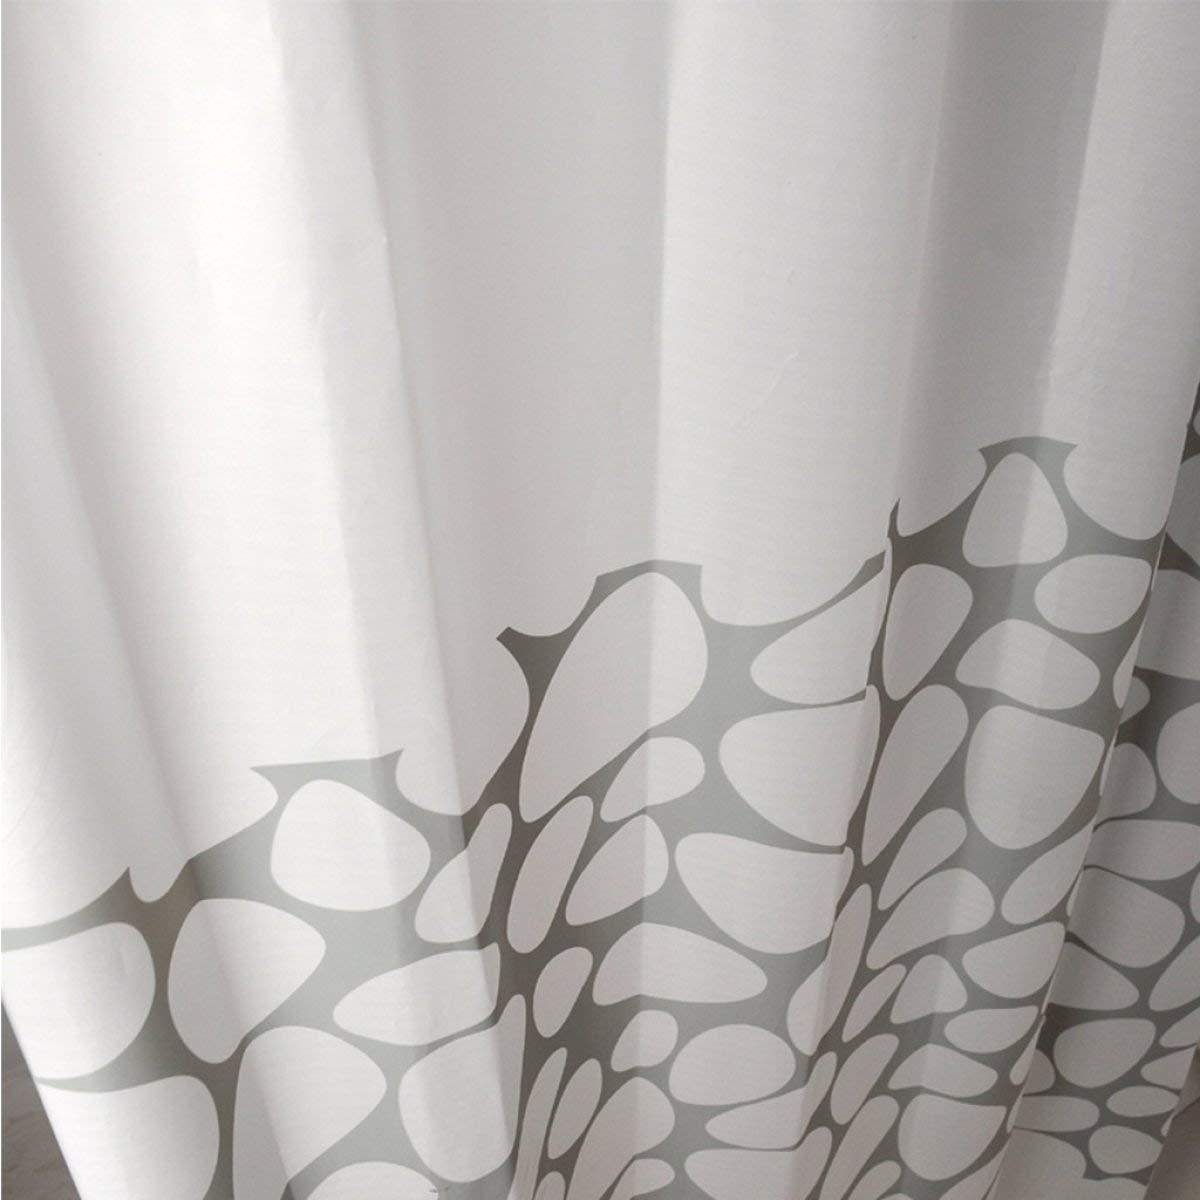 Der Creative Wild Snowflake Opaque Sunshade Padded EVA Bathroom Drilled Shower Curtain Waterproof Mildew Bathroom Accessories (Size : 150cm180cm) by Der (Image #5)